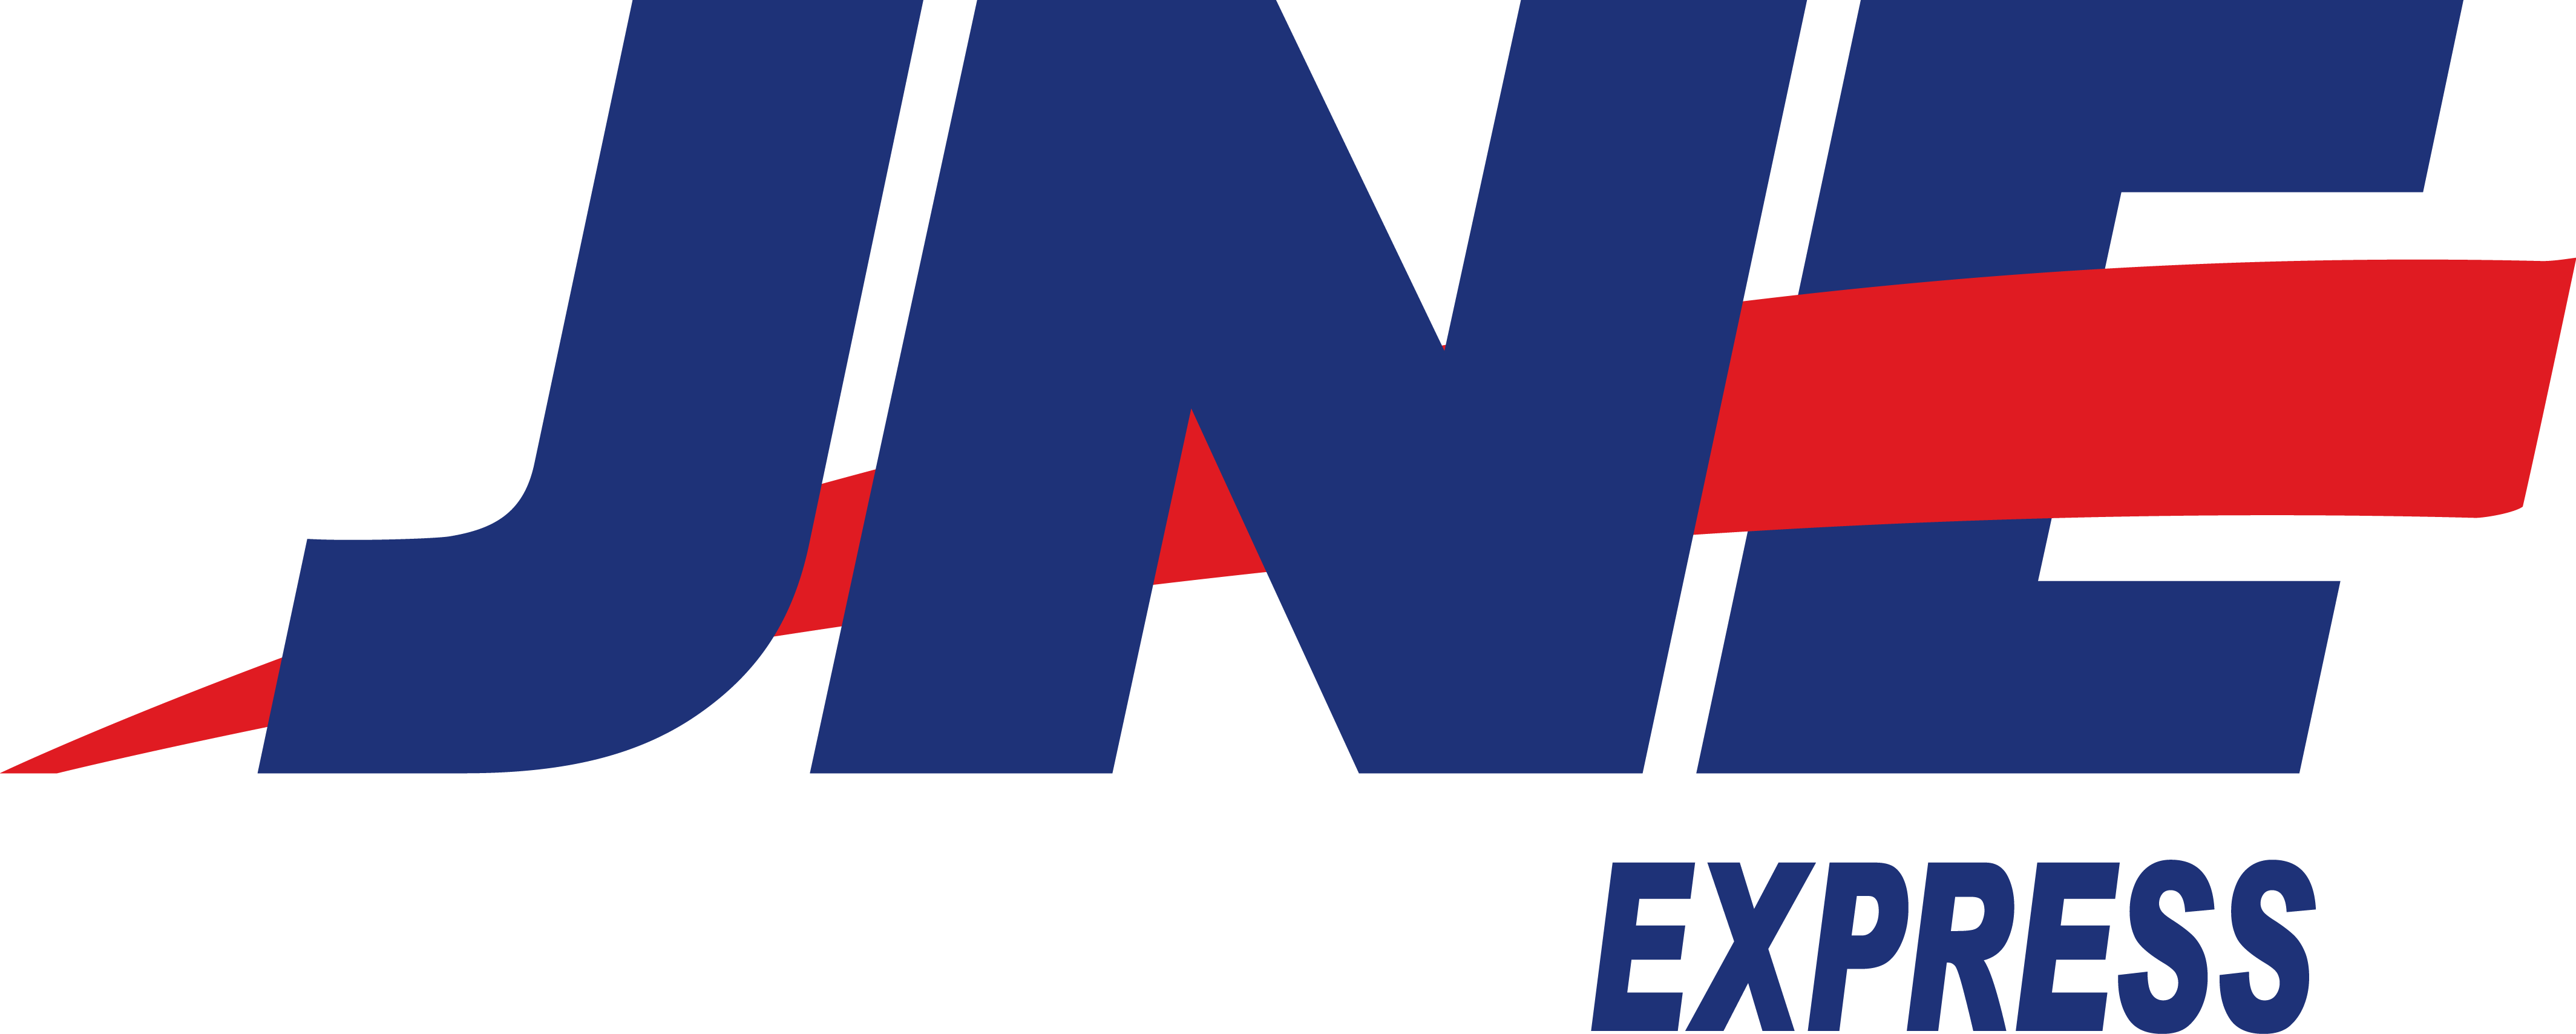 JNE - Wikipedia bahasa Indonesia, ensiklopedia bebas